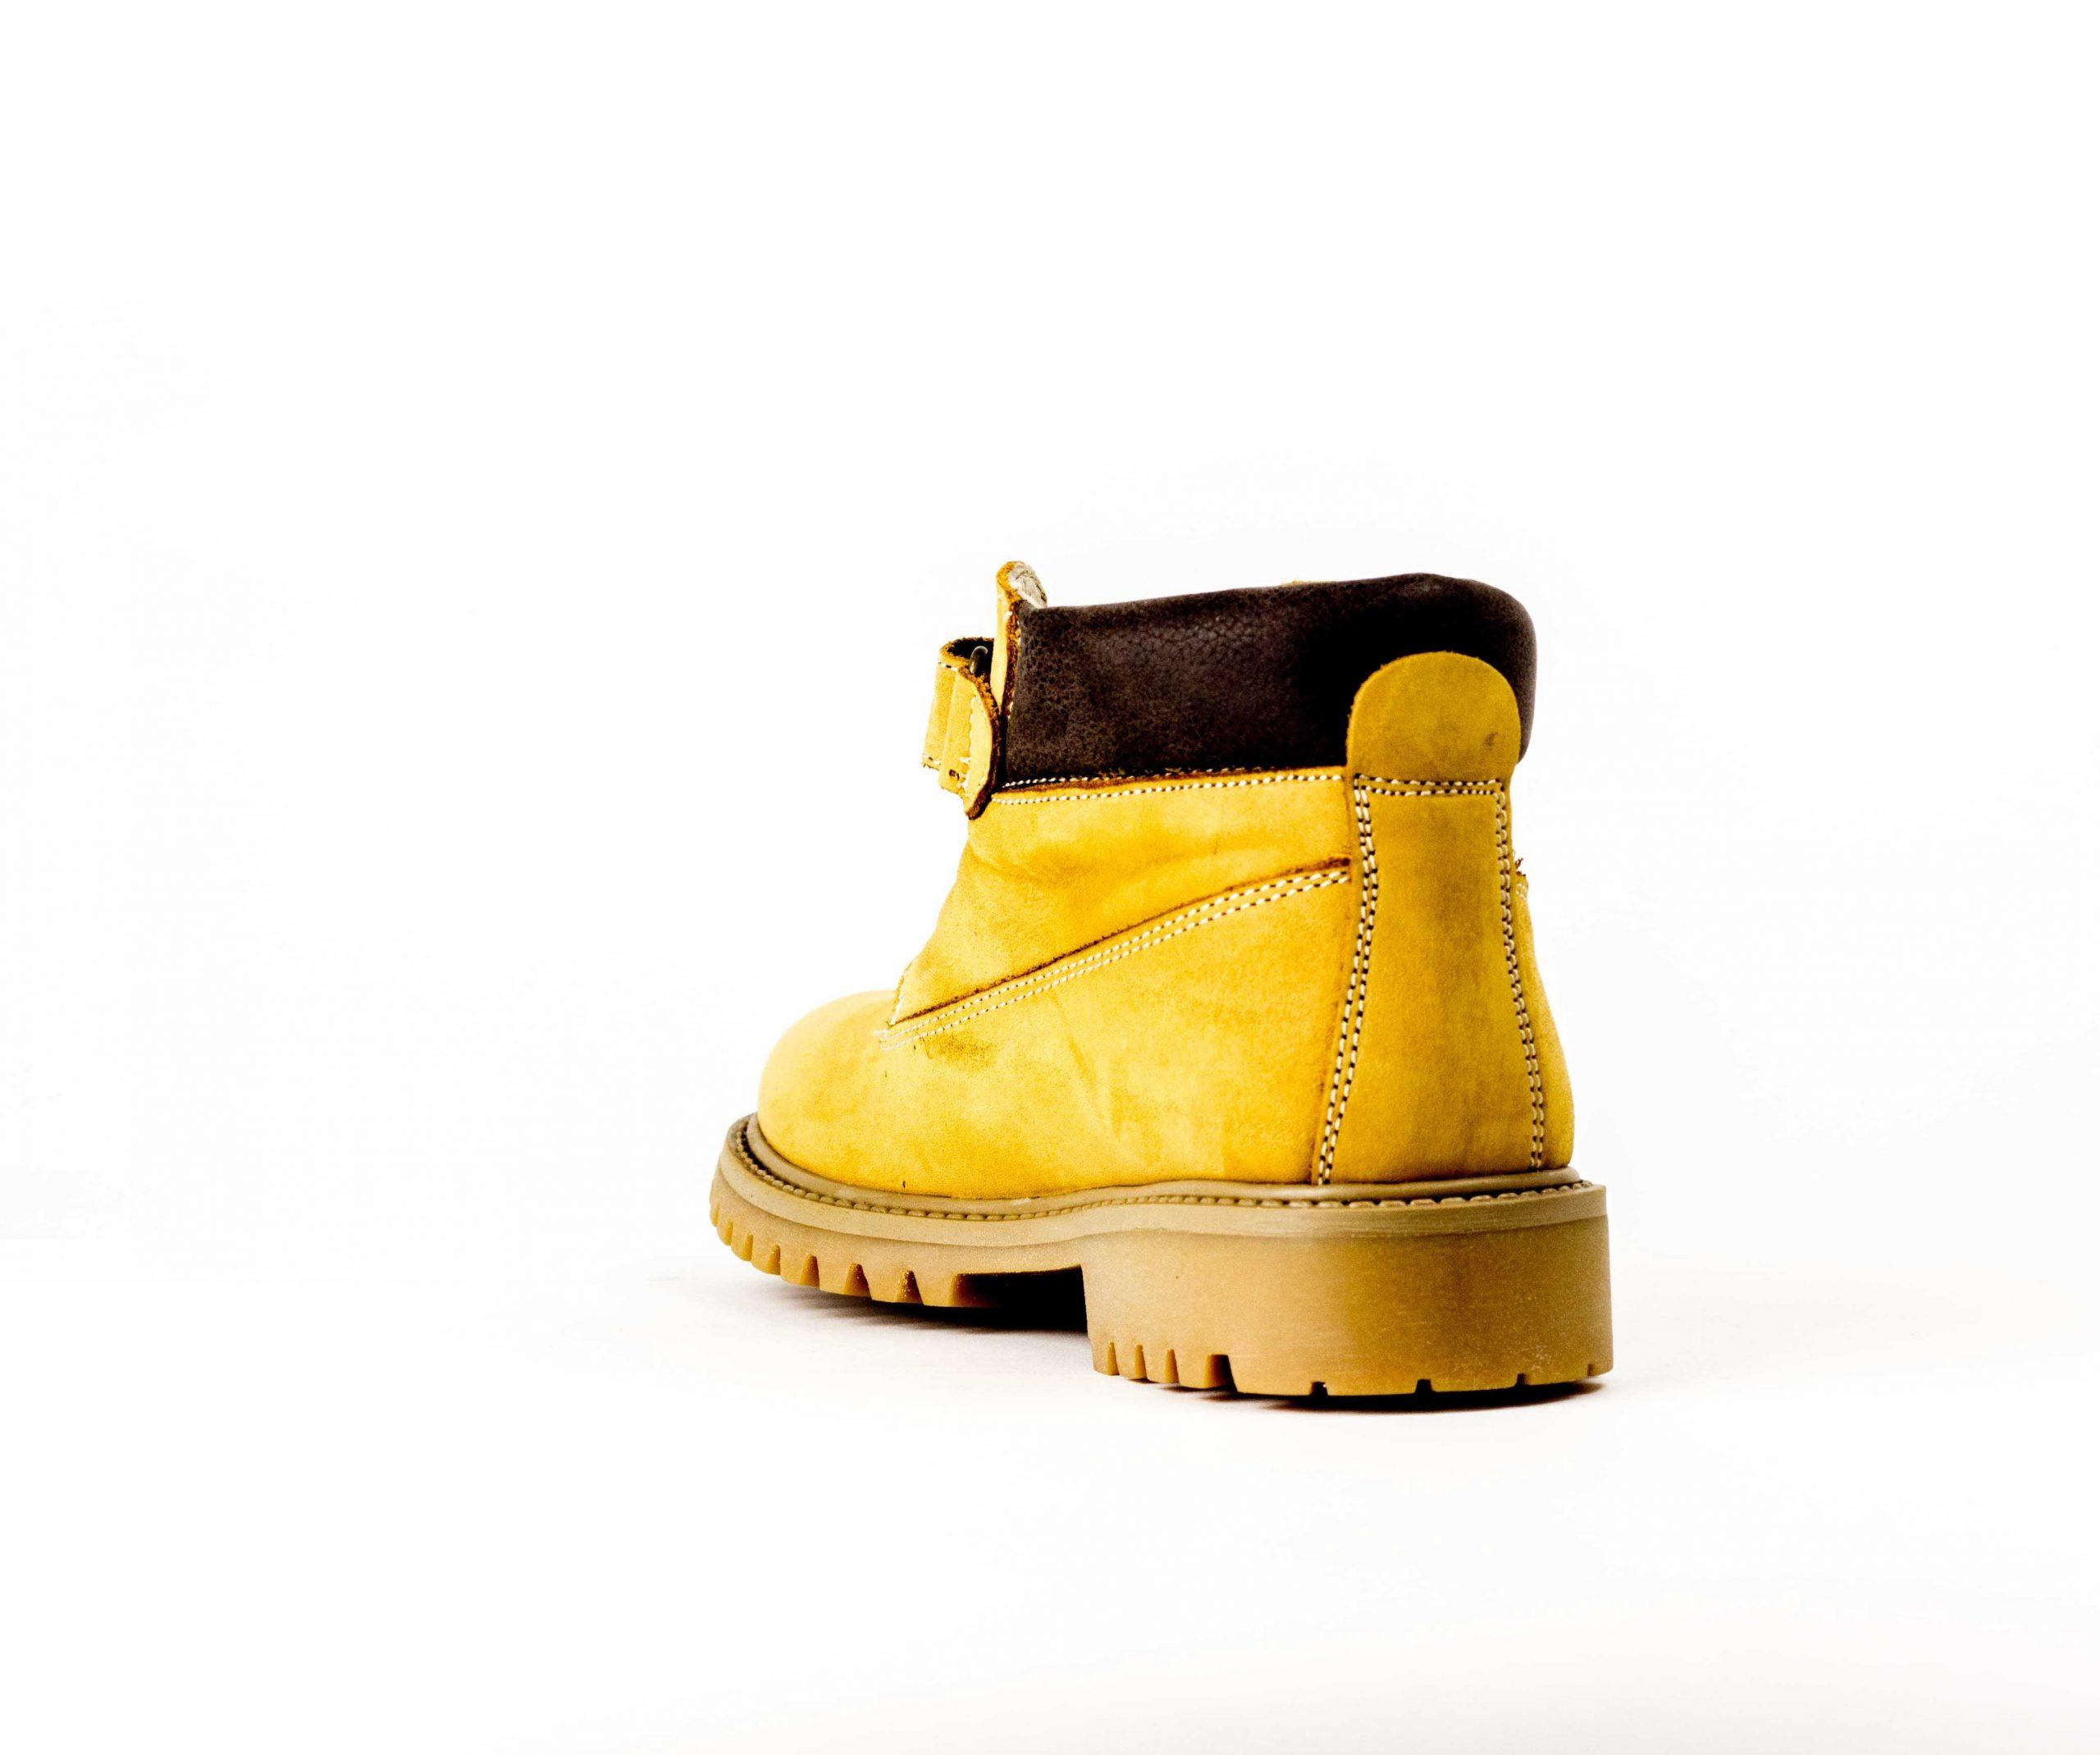 Юношески боти от естествен набук в жълто и кафяво